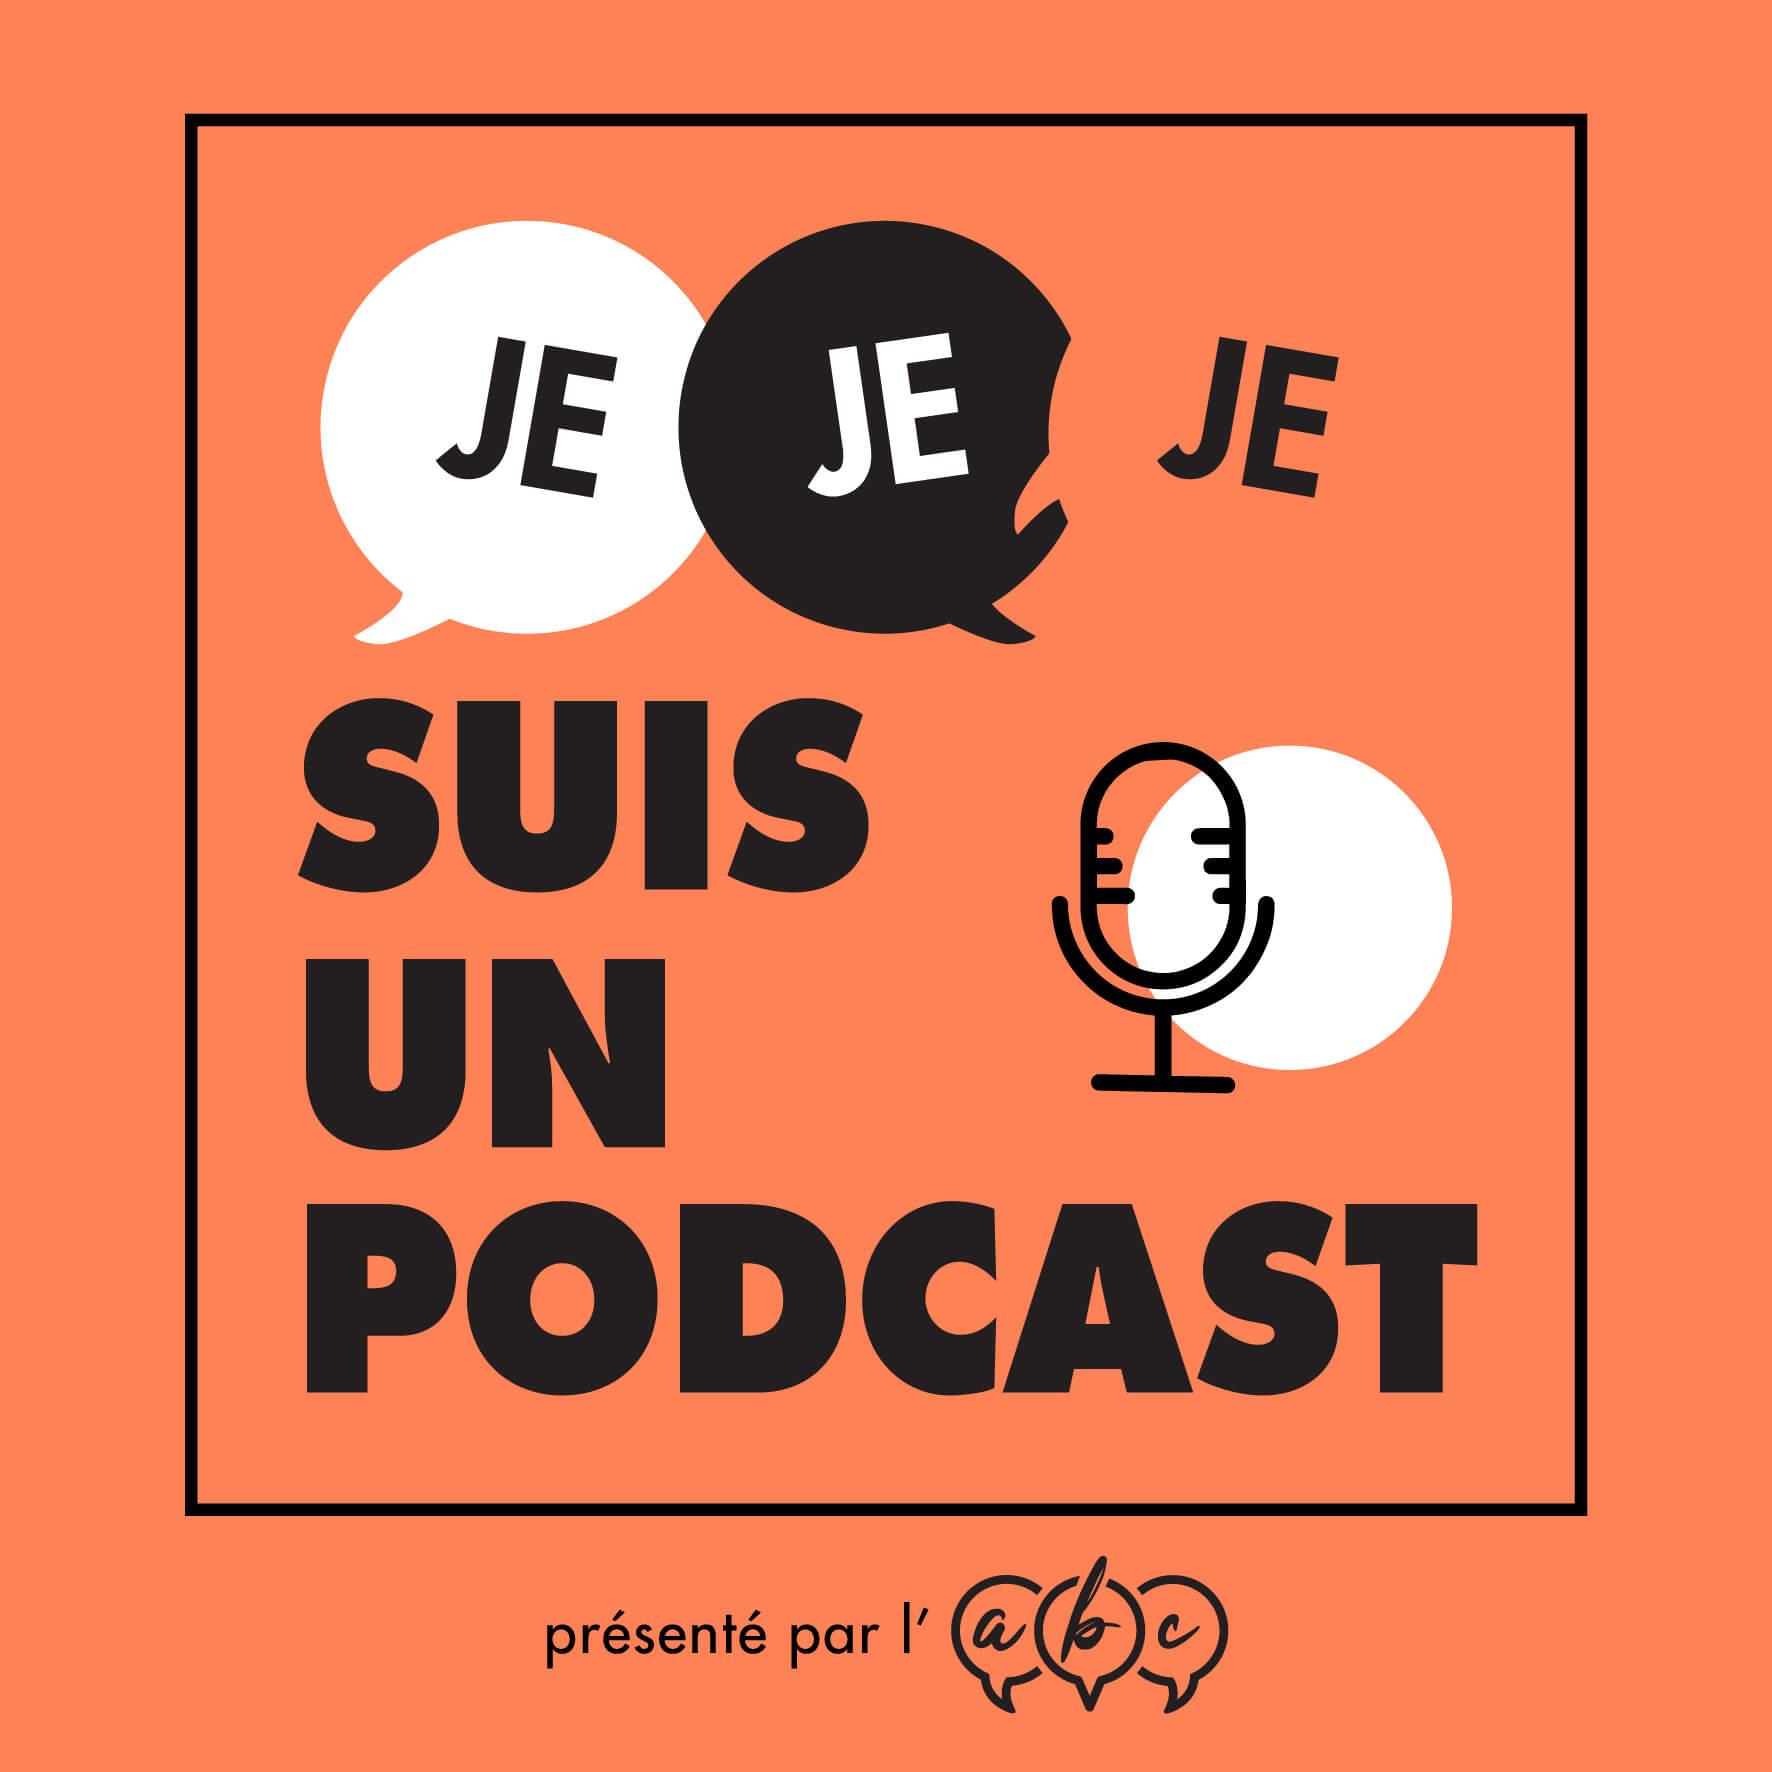 Je je je suis un podcast